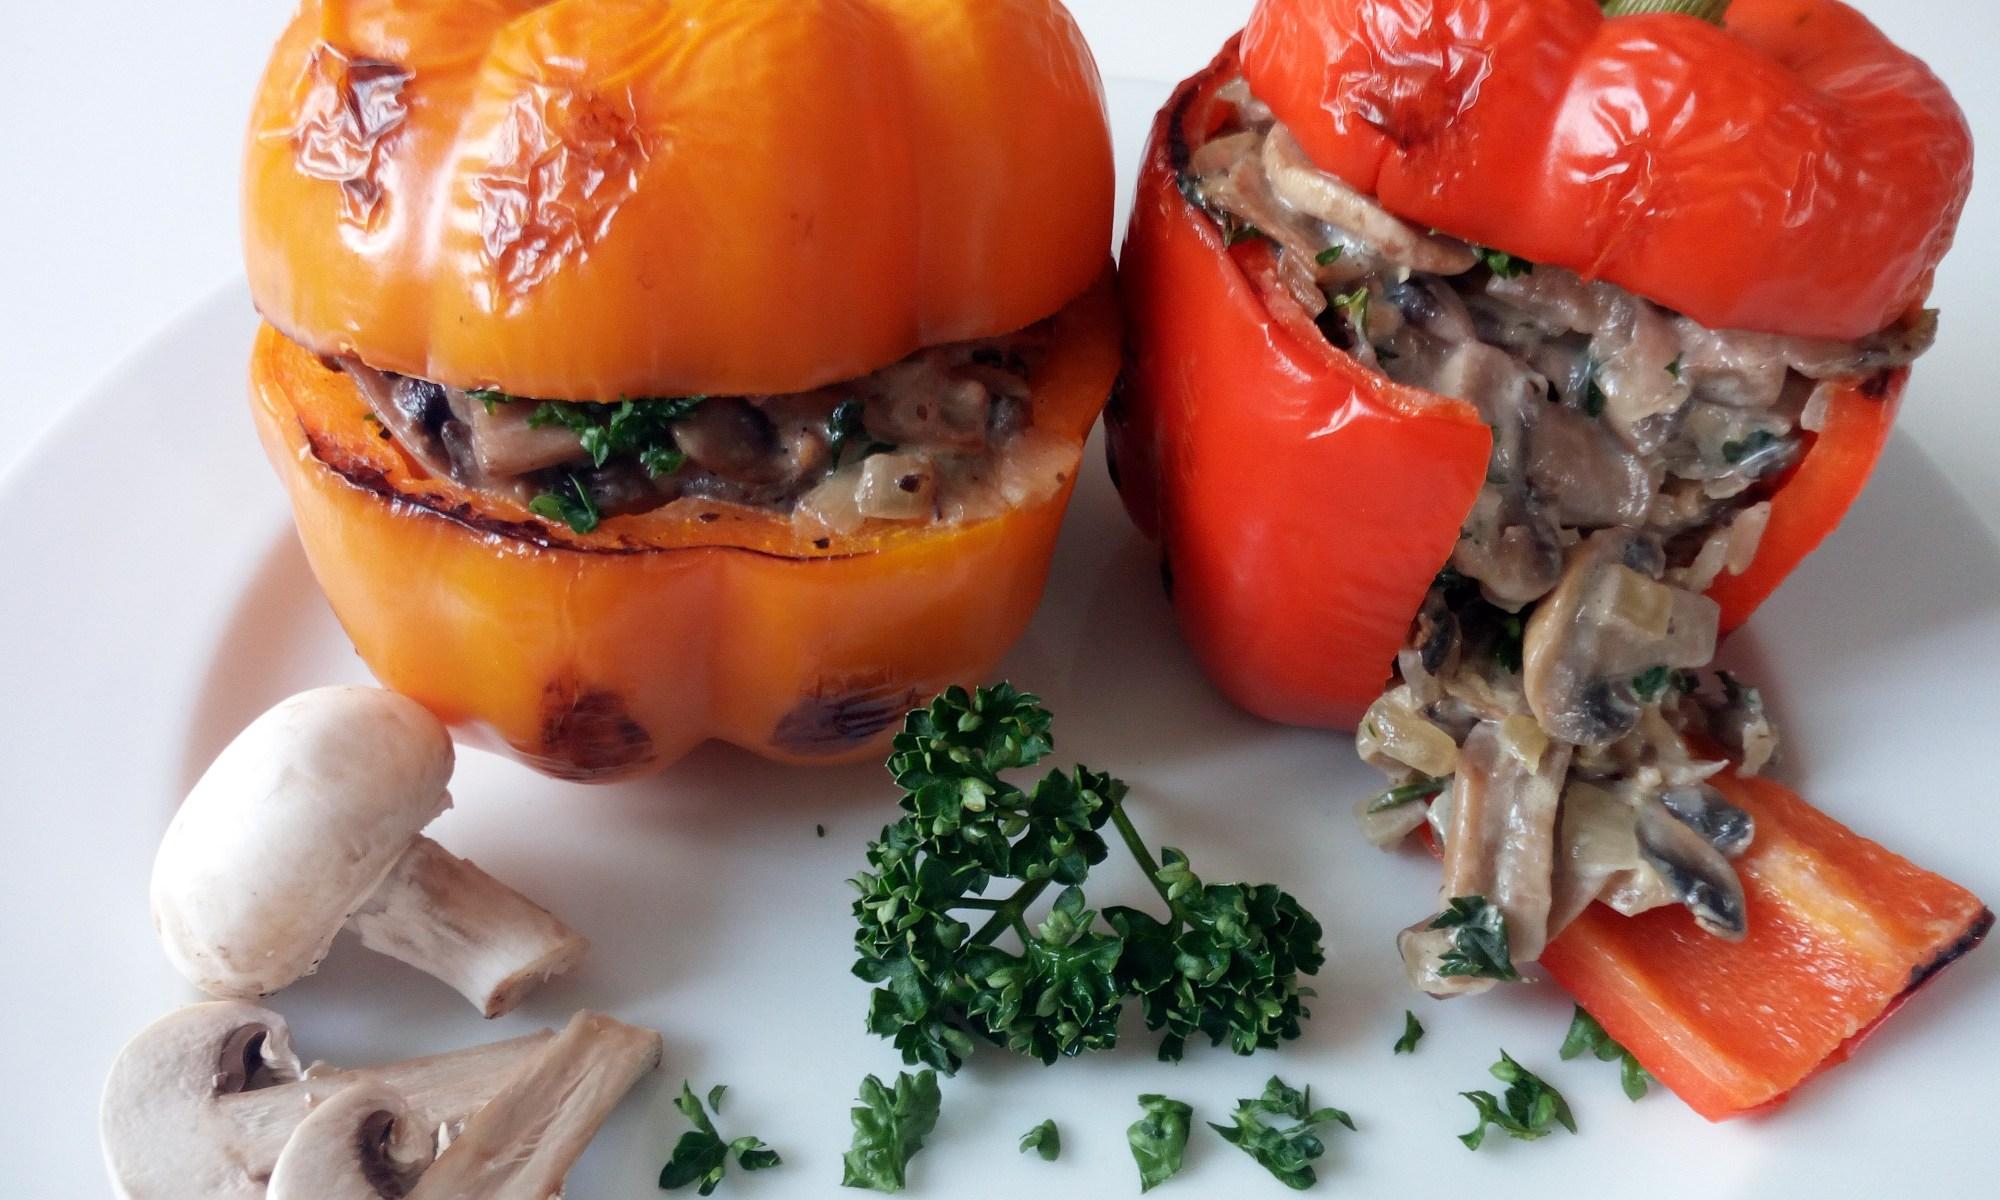 Zwei (gelb und rot) angebratene Paprika, die mit einer Champignon-Linsen-Reis-Rahm - Füllung, garniert mit Petersilie